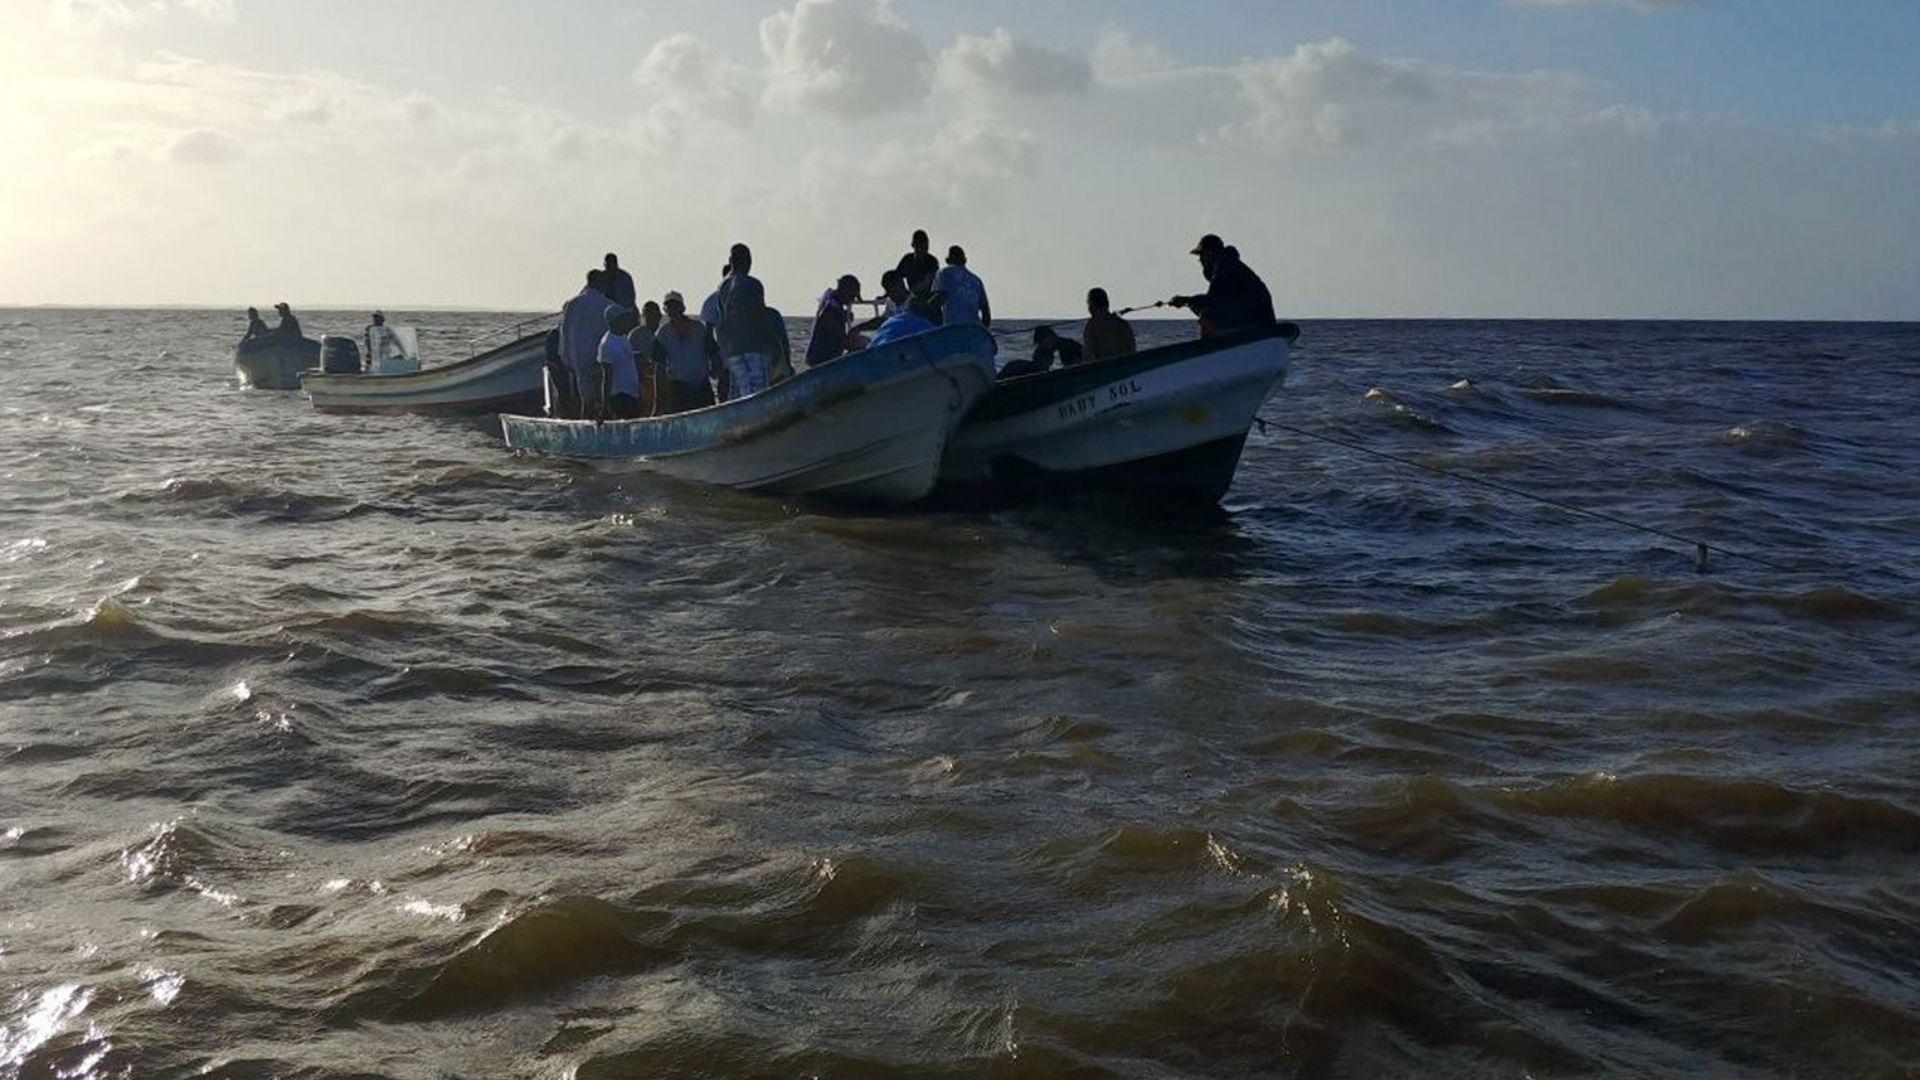 Acnur y OIM piden evitar más naufragios de venezolanos